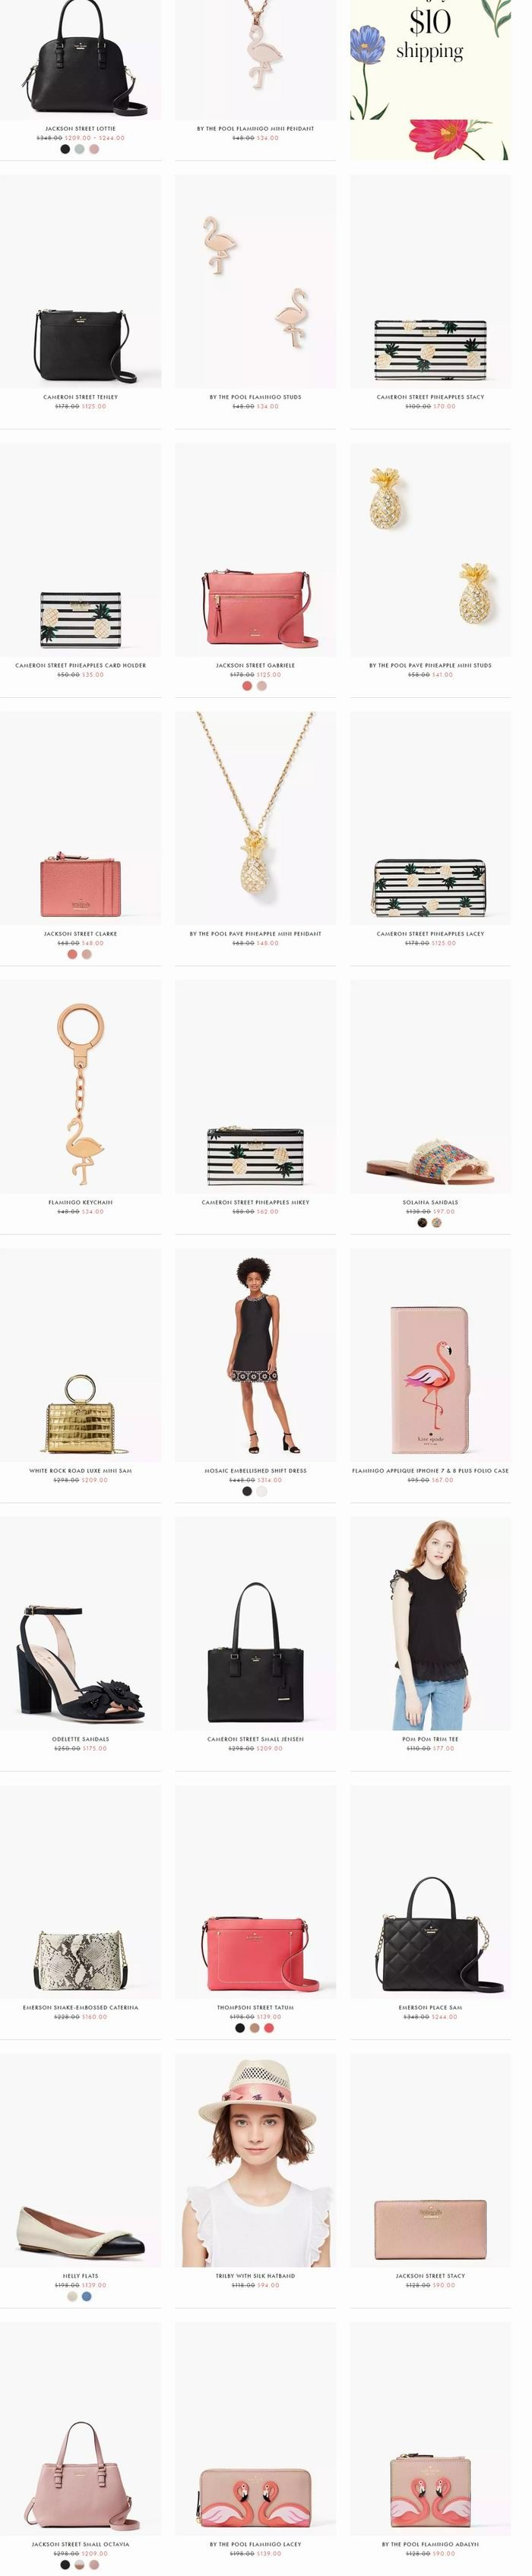 Kate Spade 精选美包、美衣、美鞋等5折起+额外7折(新款也打折)!入明星同款!